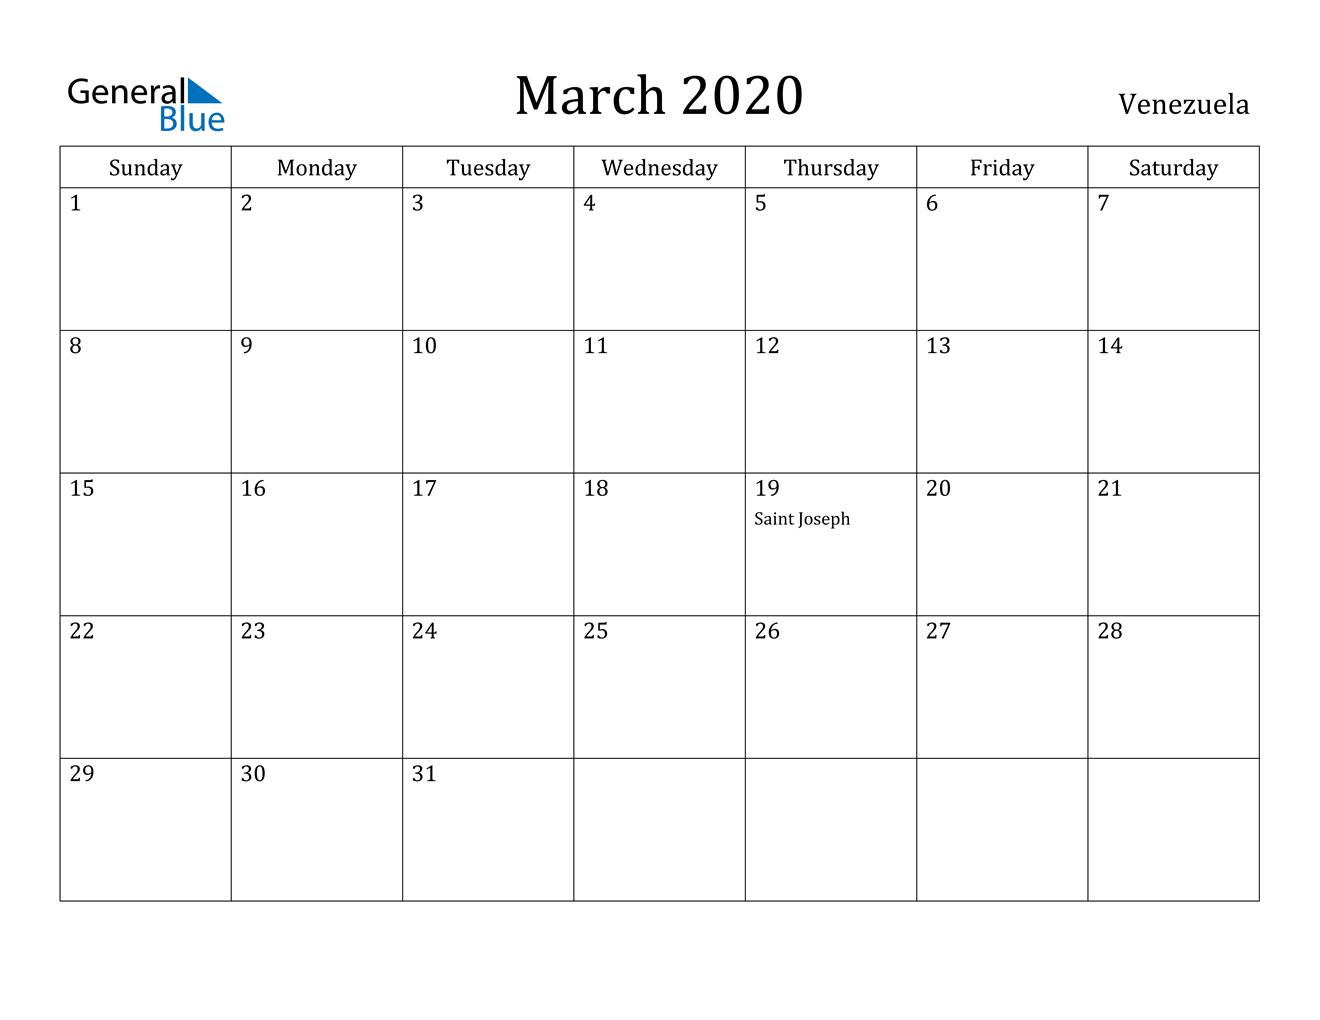 Image of March 2020 Venezuela Calendar with Holidays Calendar